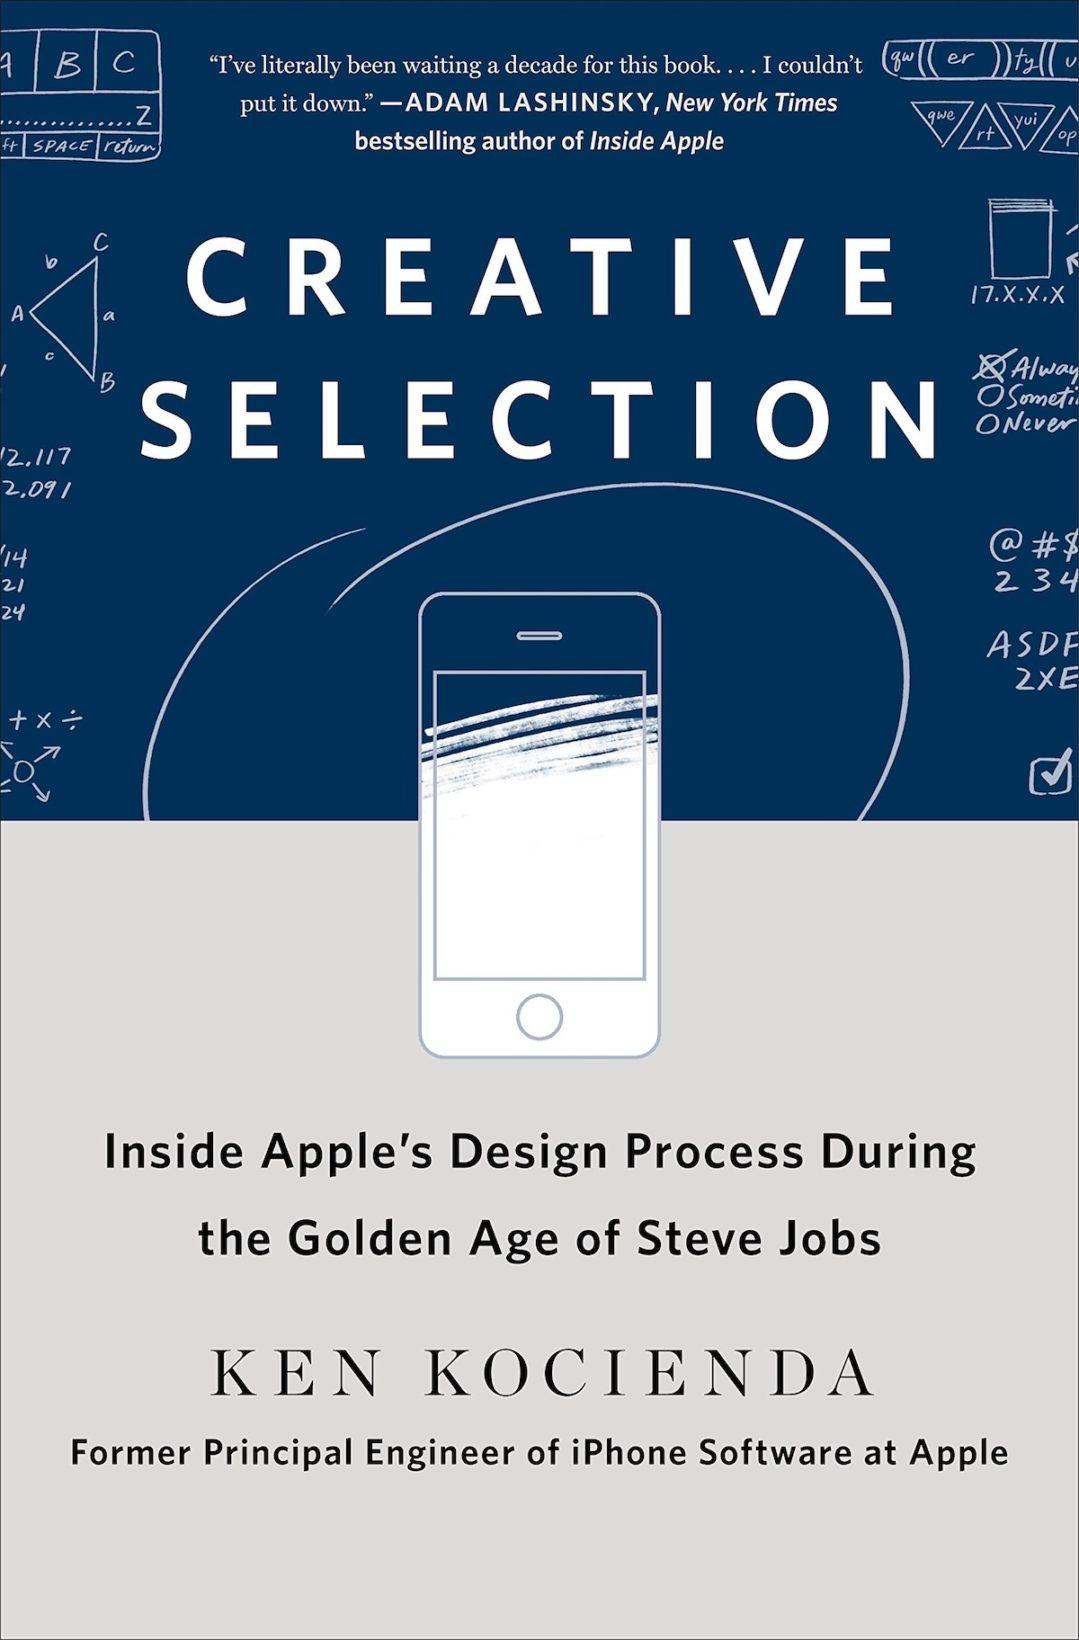 Creative Selection di Ken Kocienda, il libro sulla creazione di iPhone che tutti aspettavano